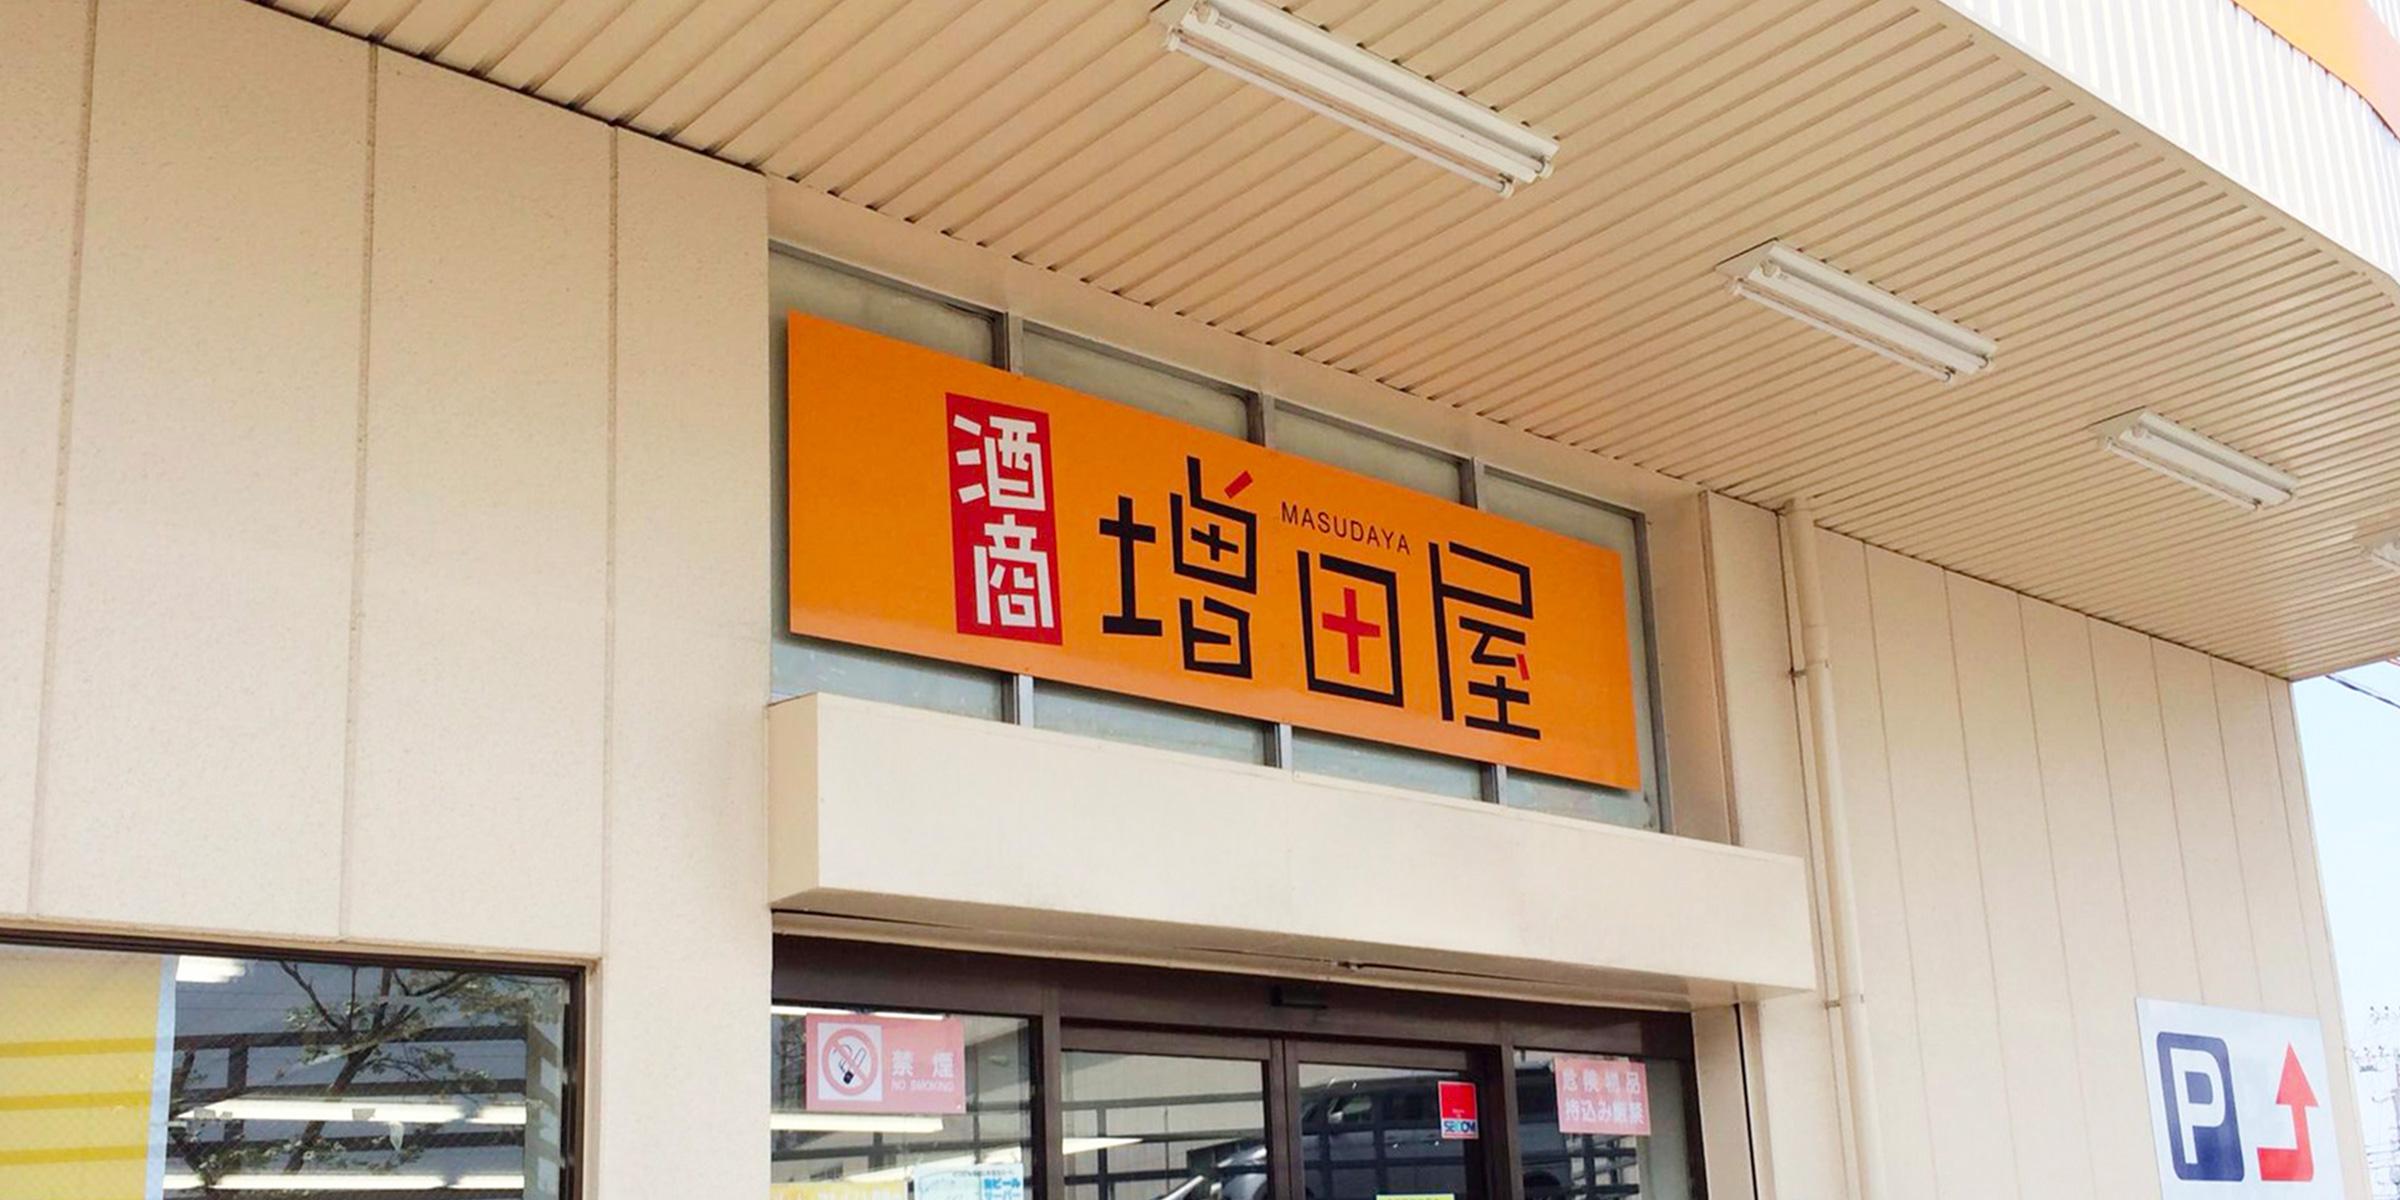 酒商増田屋は埼玉県狭山市・入間市・所沢市・日高市で酒類の通販・販売業を営む会社です